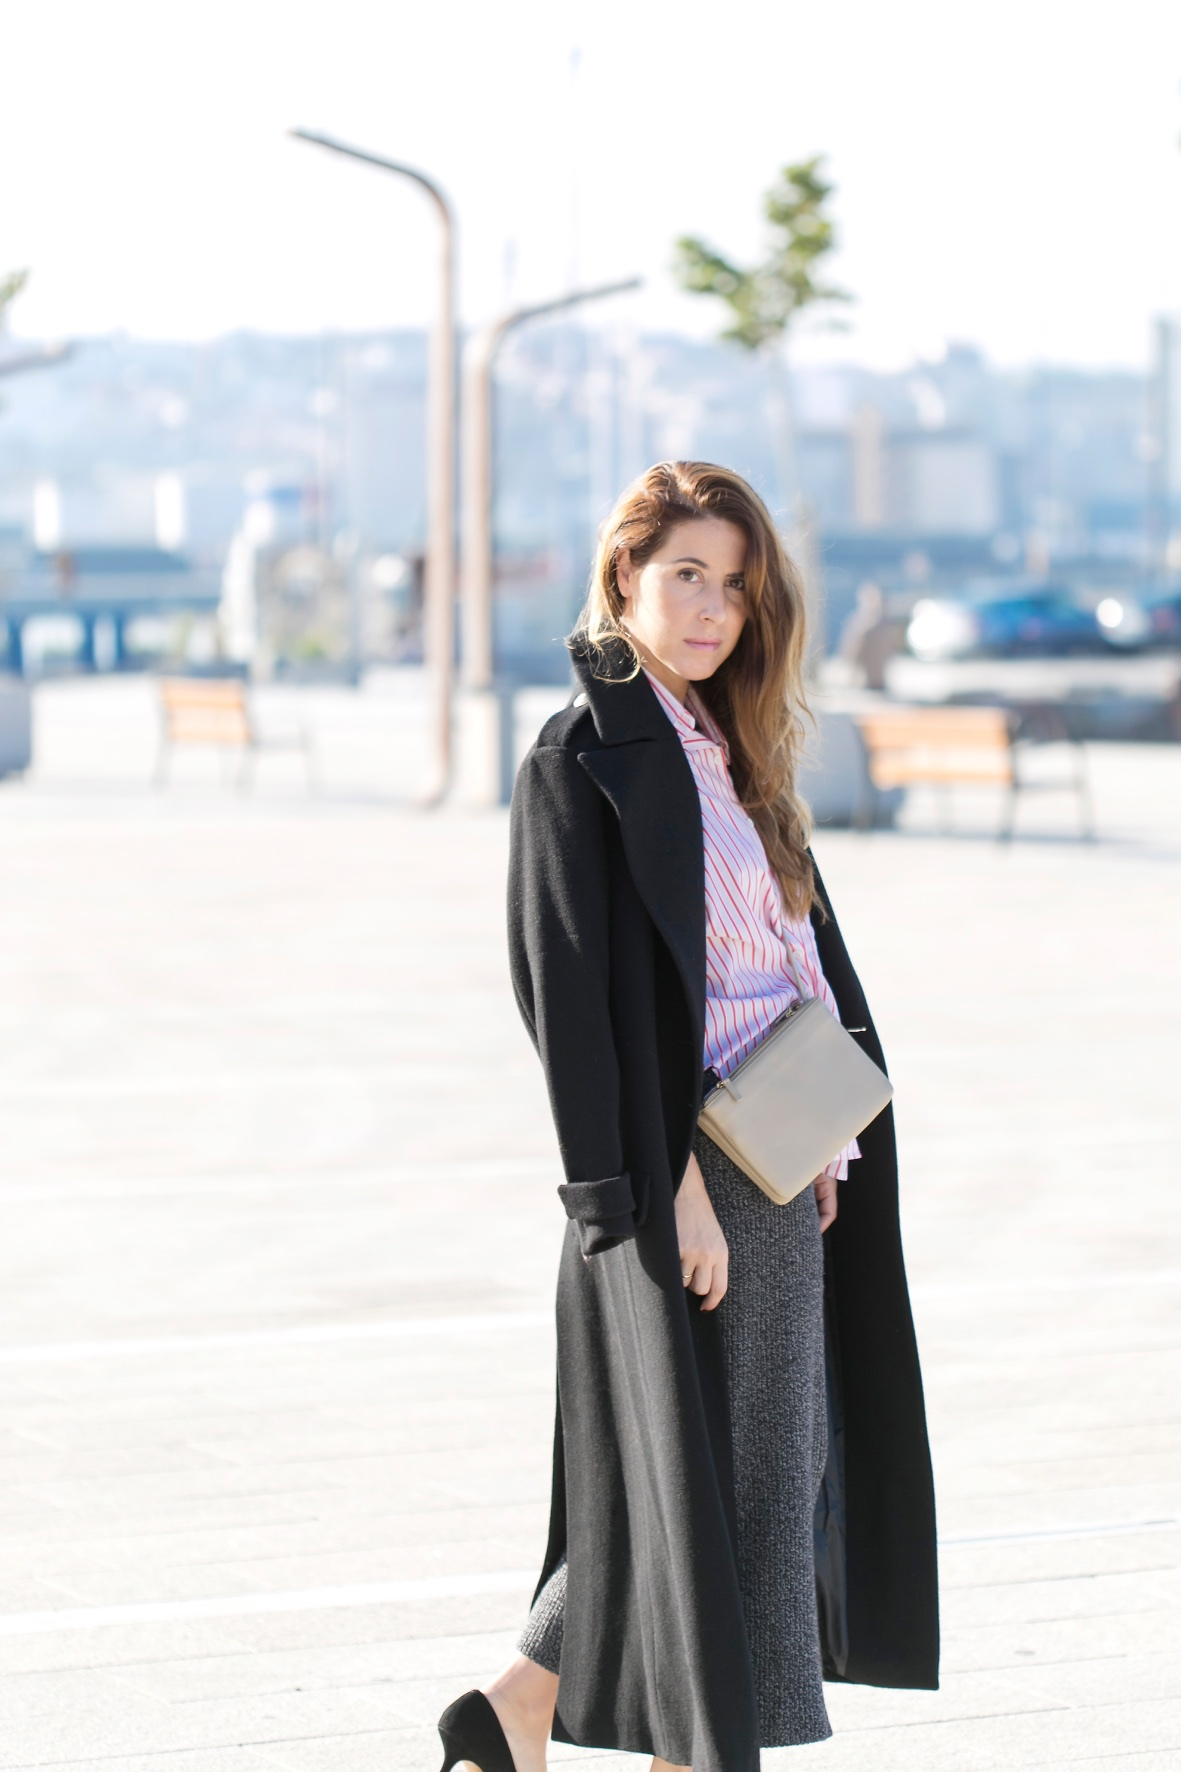 influencer-coruña-descalzaporelparque-fashion-heels- longcoat-style-triobag-Zara